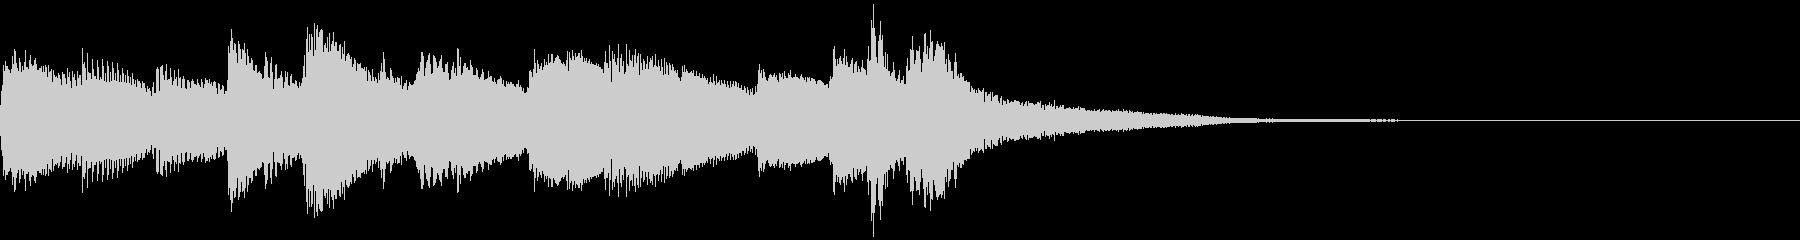 ほのぼの癒し系ピアノジングルの未再生の波形